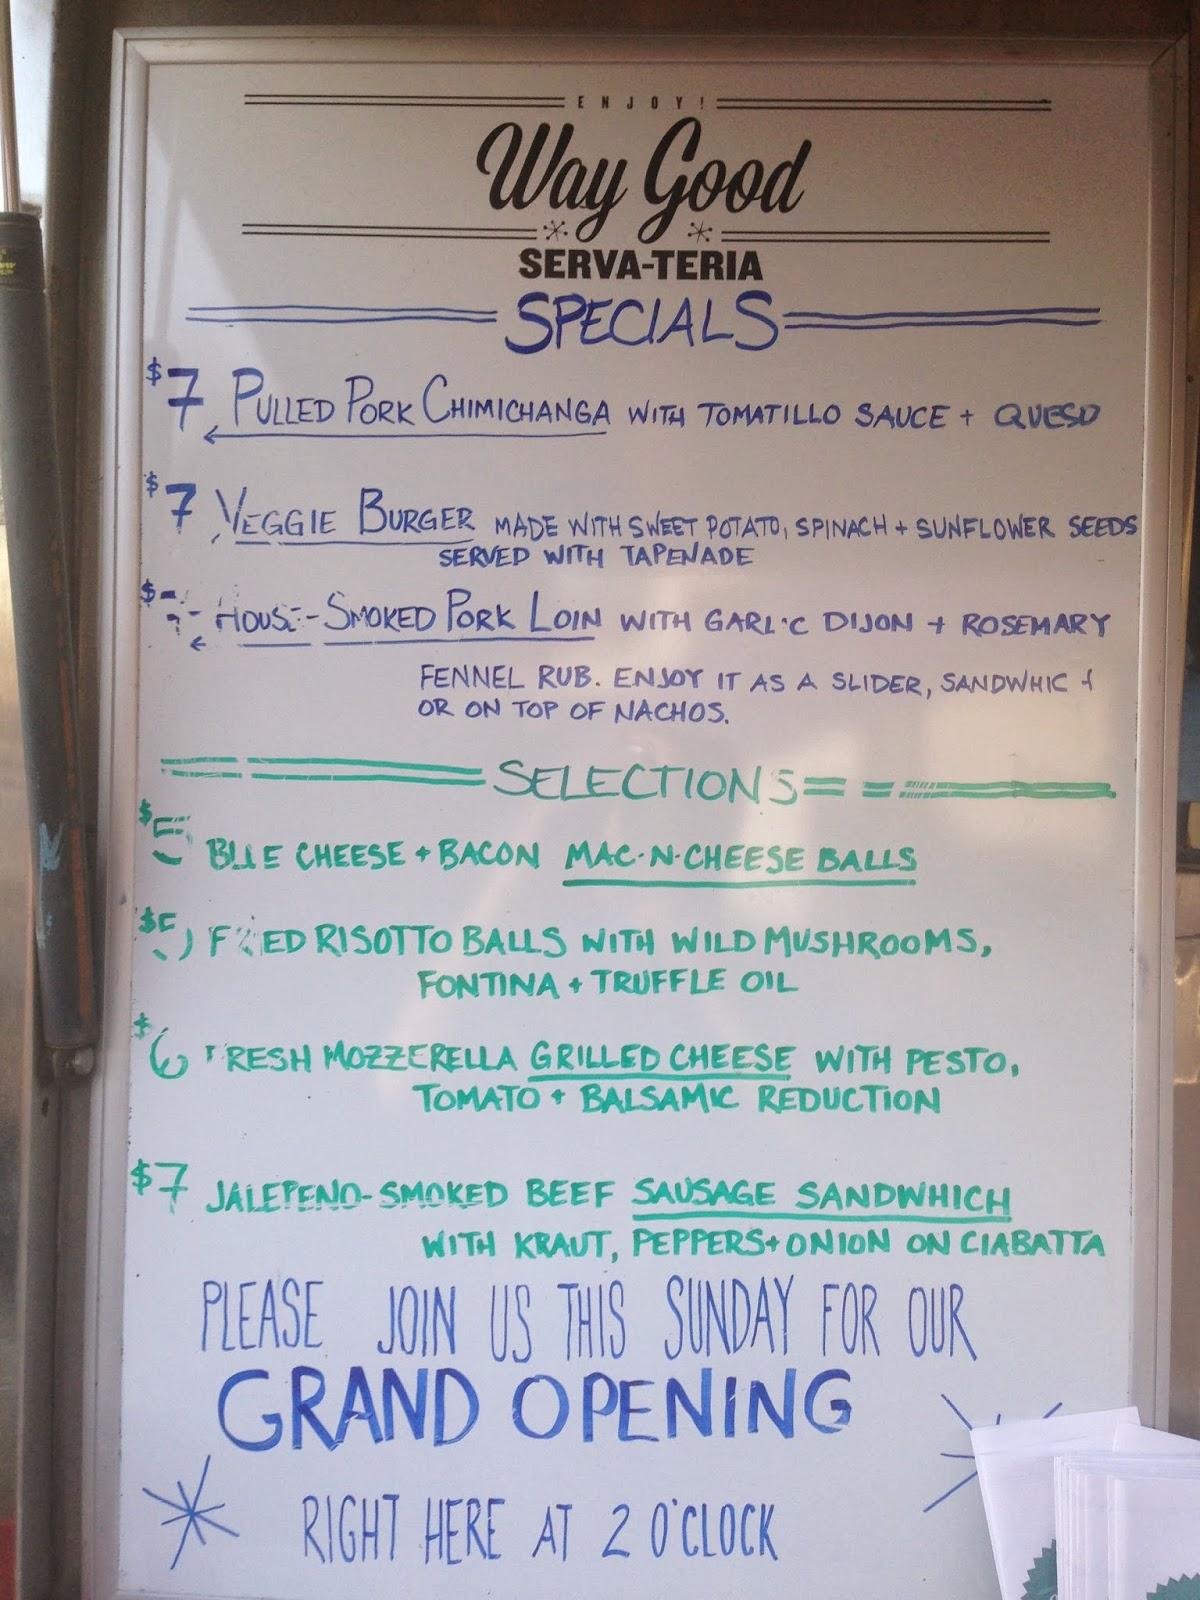 Way Good Serva-Teria Food Truck, Houston TX - Specials Menu